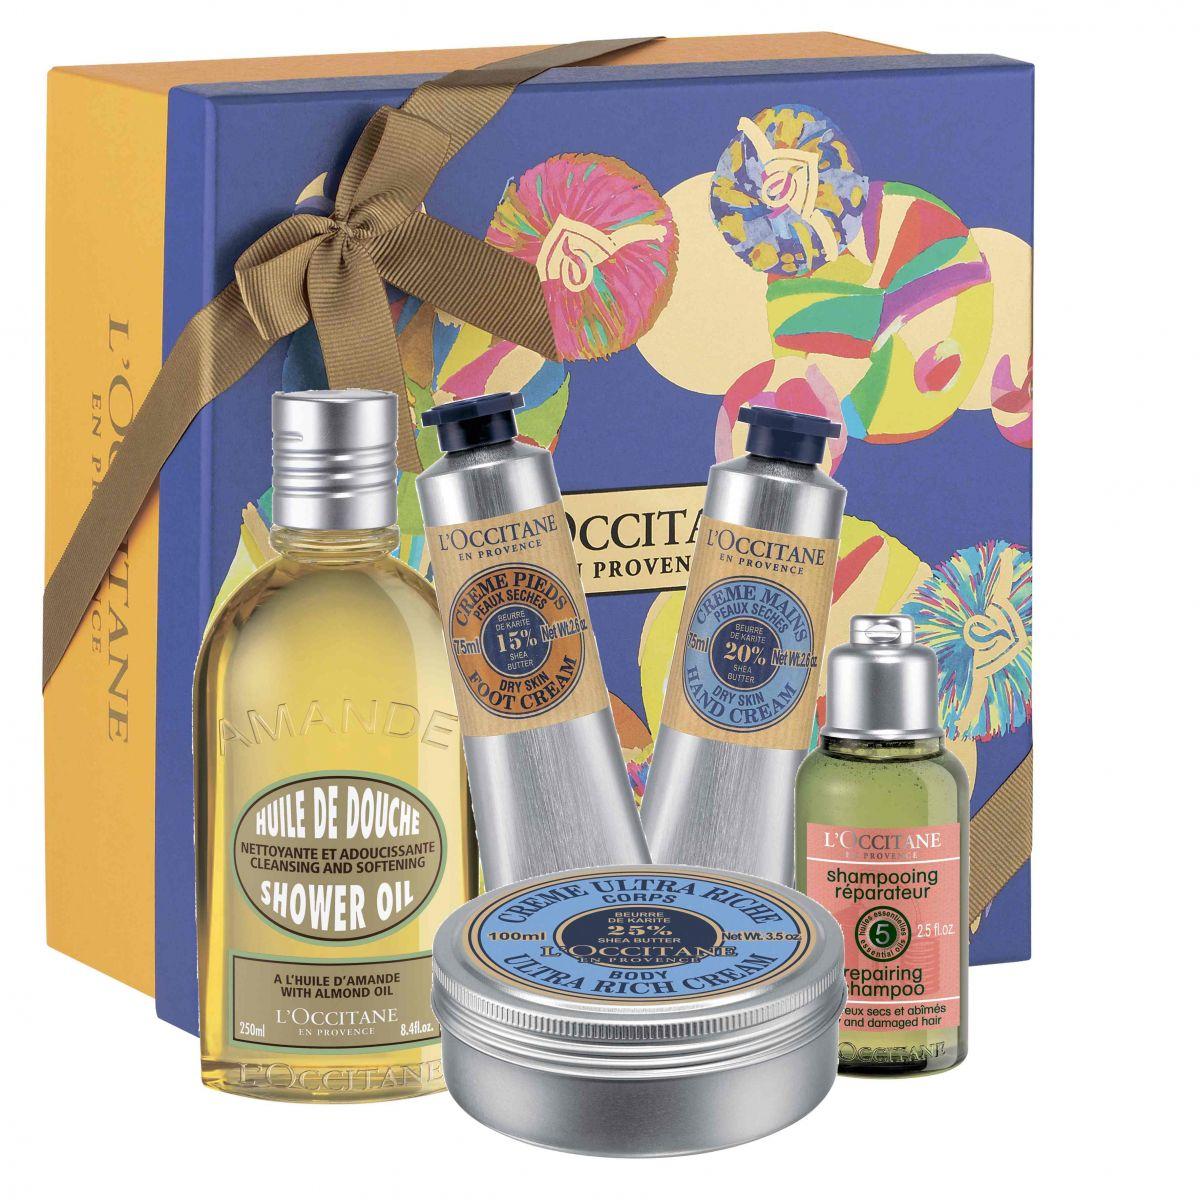 Подарки на Новый год 2015: лучшие эко-средства по уходу за кожей